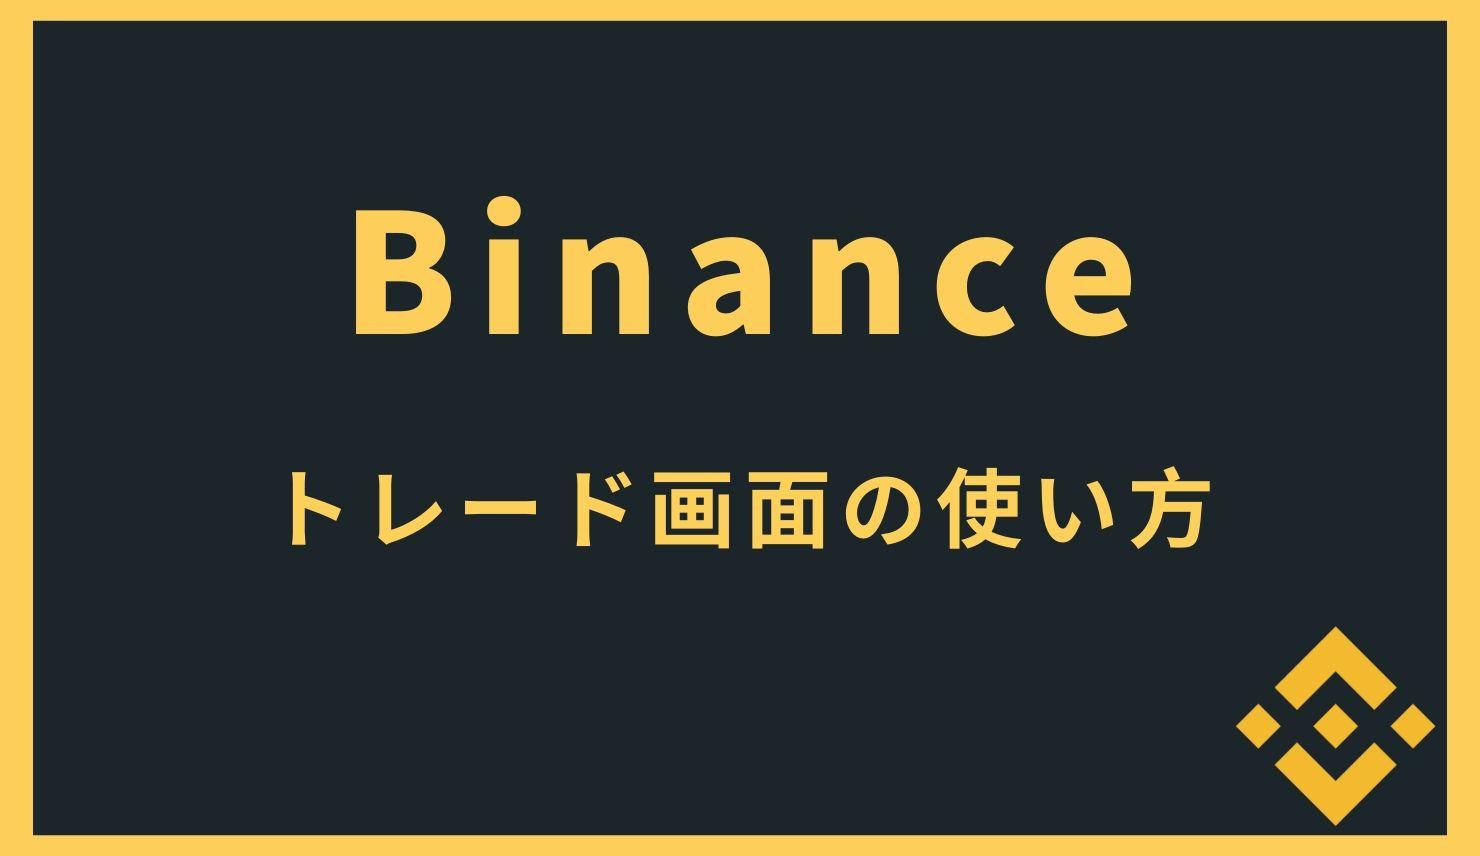 バイナンス(Binance)のトレード画面の使い方について【PC版】